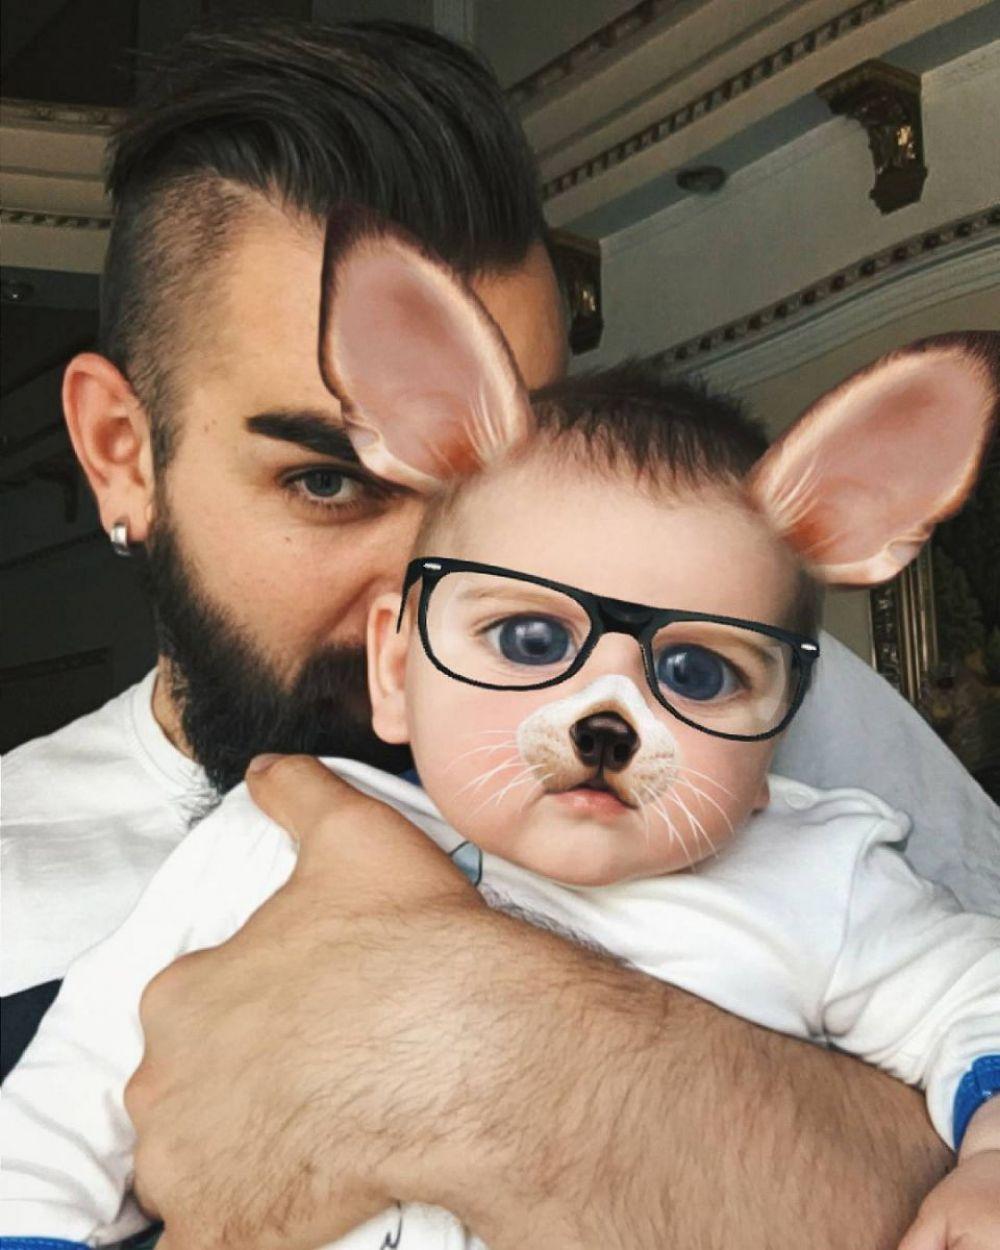 Участник и продюсер группы The Hardkiss Валерий Бебко вместе с солисткой коллектива Юлией Саниной воспитывают сына Даниила.